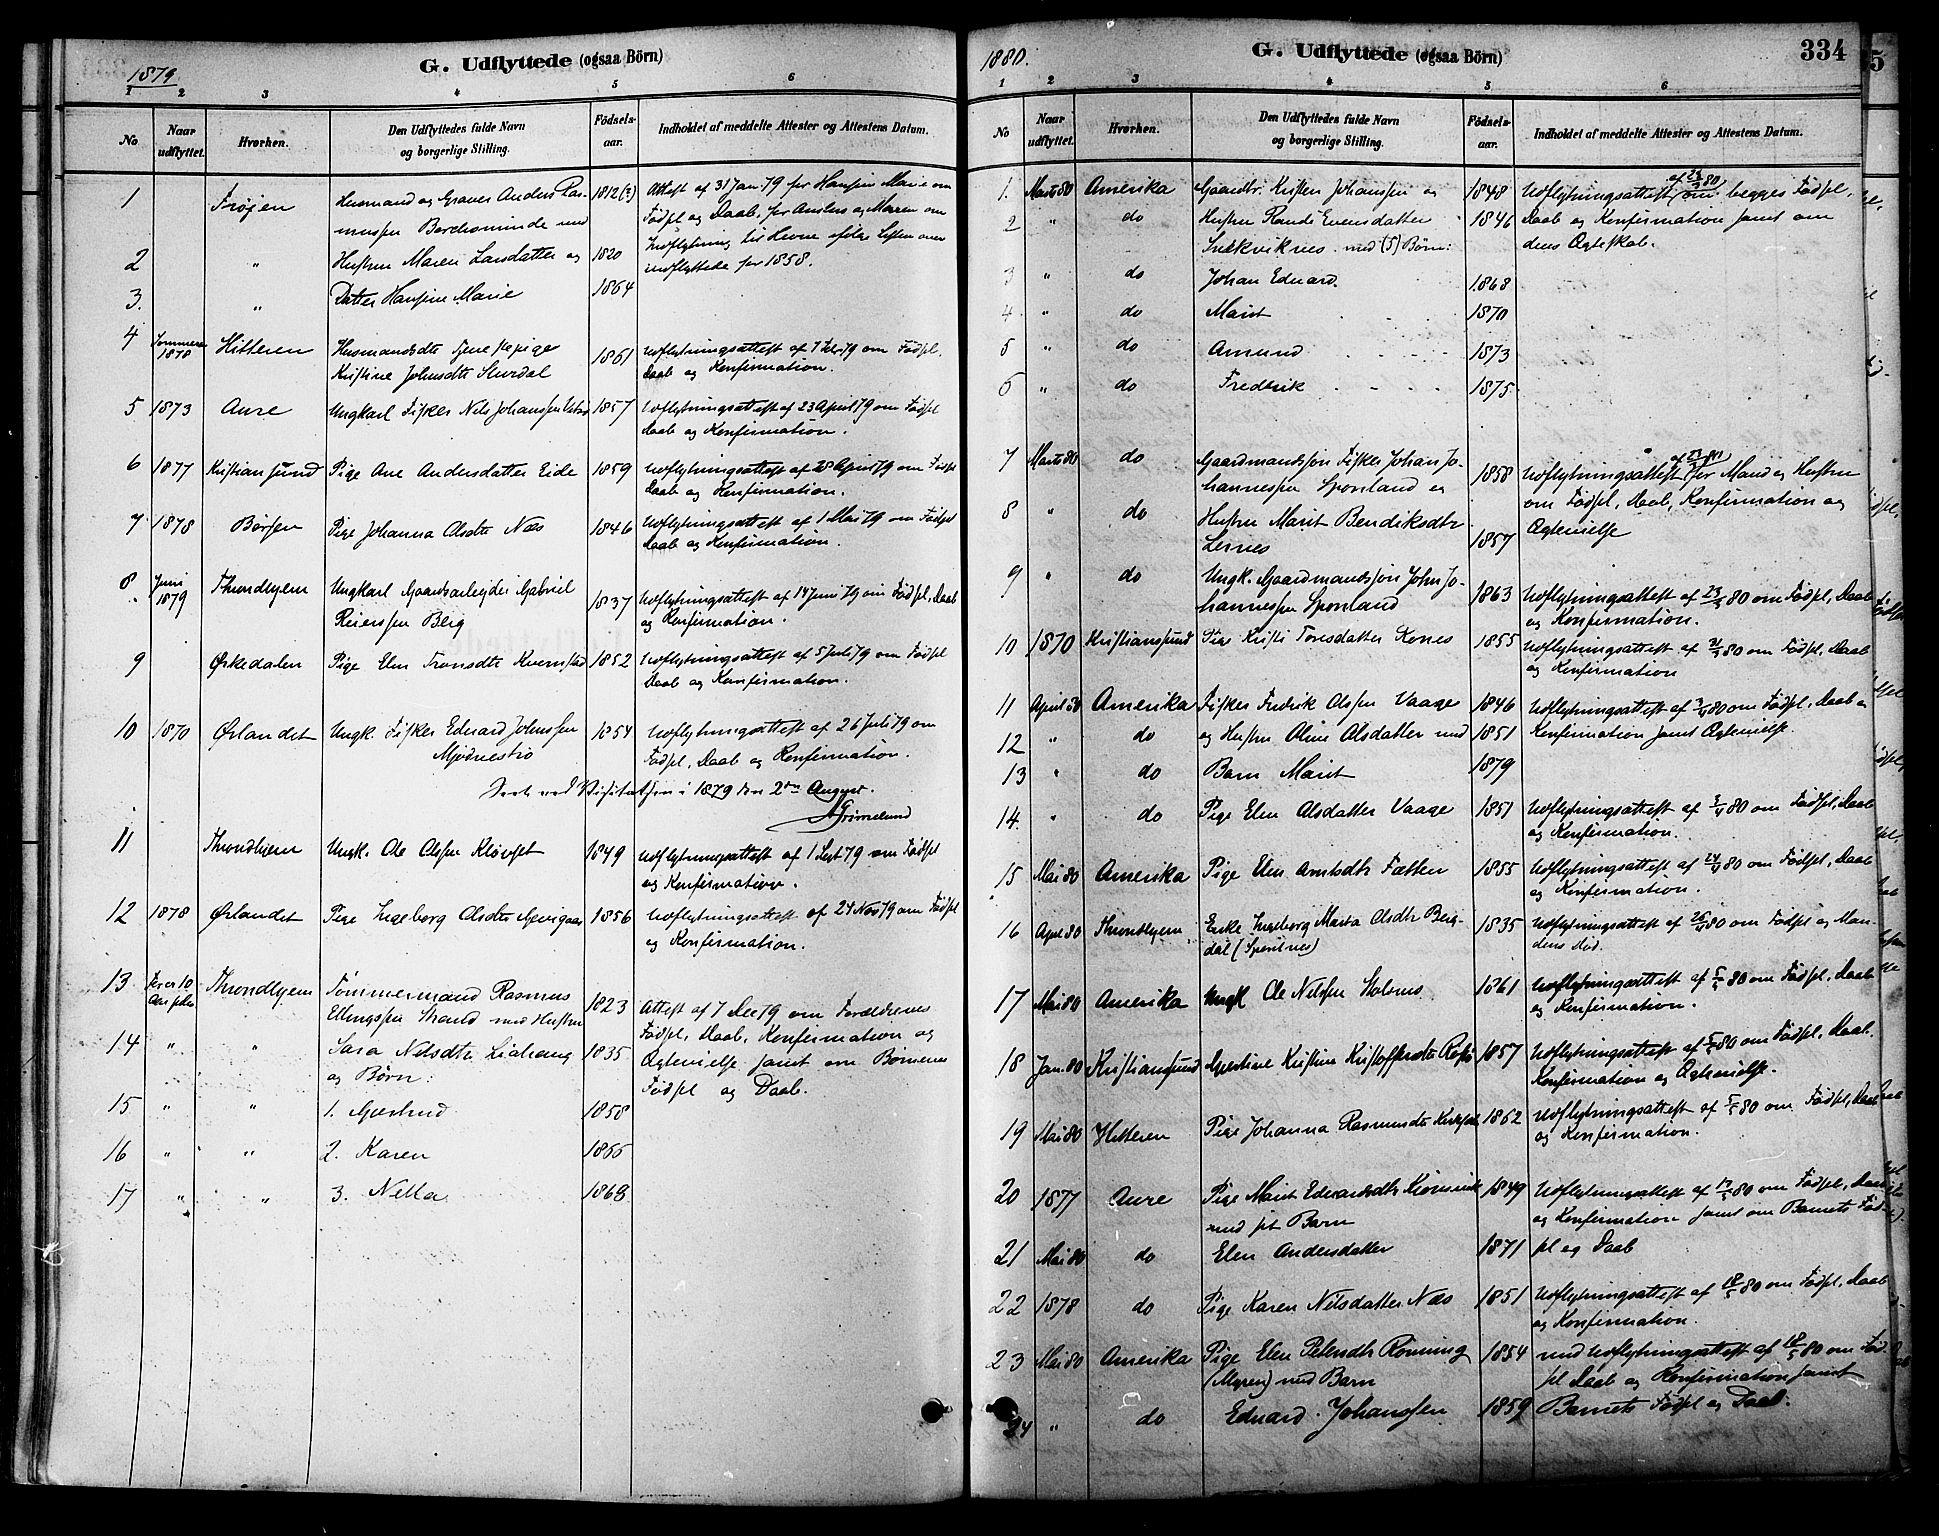 SAT, Ministerialprotokoller, klokkerbøker og fødselsregistre - Sør-Trøndelag, 630/L0496: Ministerialbok nr. 630A09, 1879-1895, s. 334